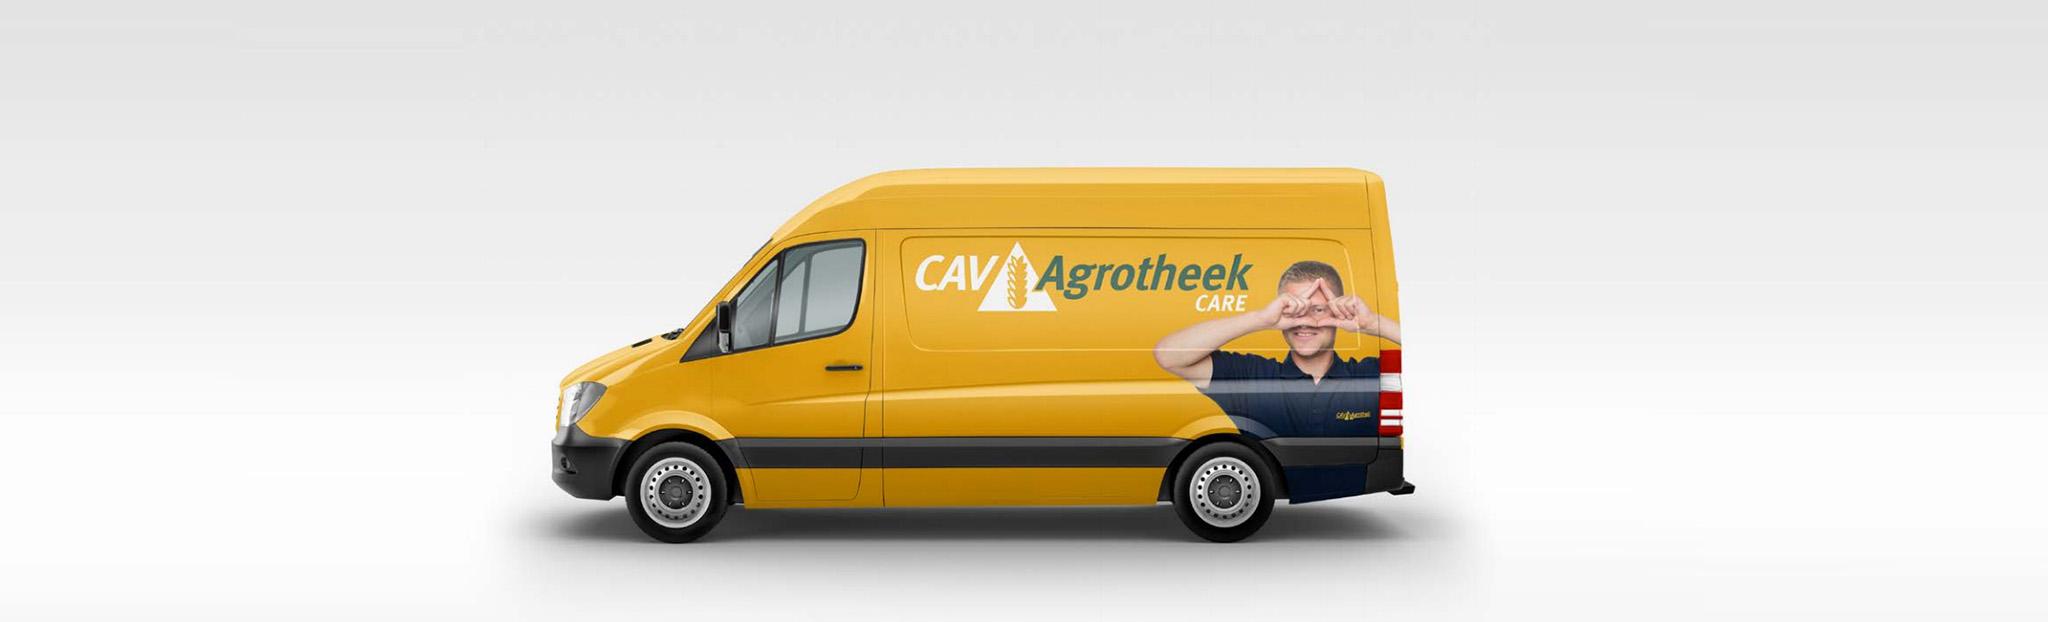 cav-header